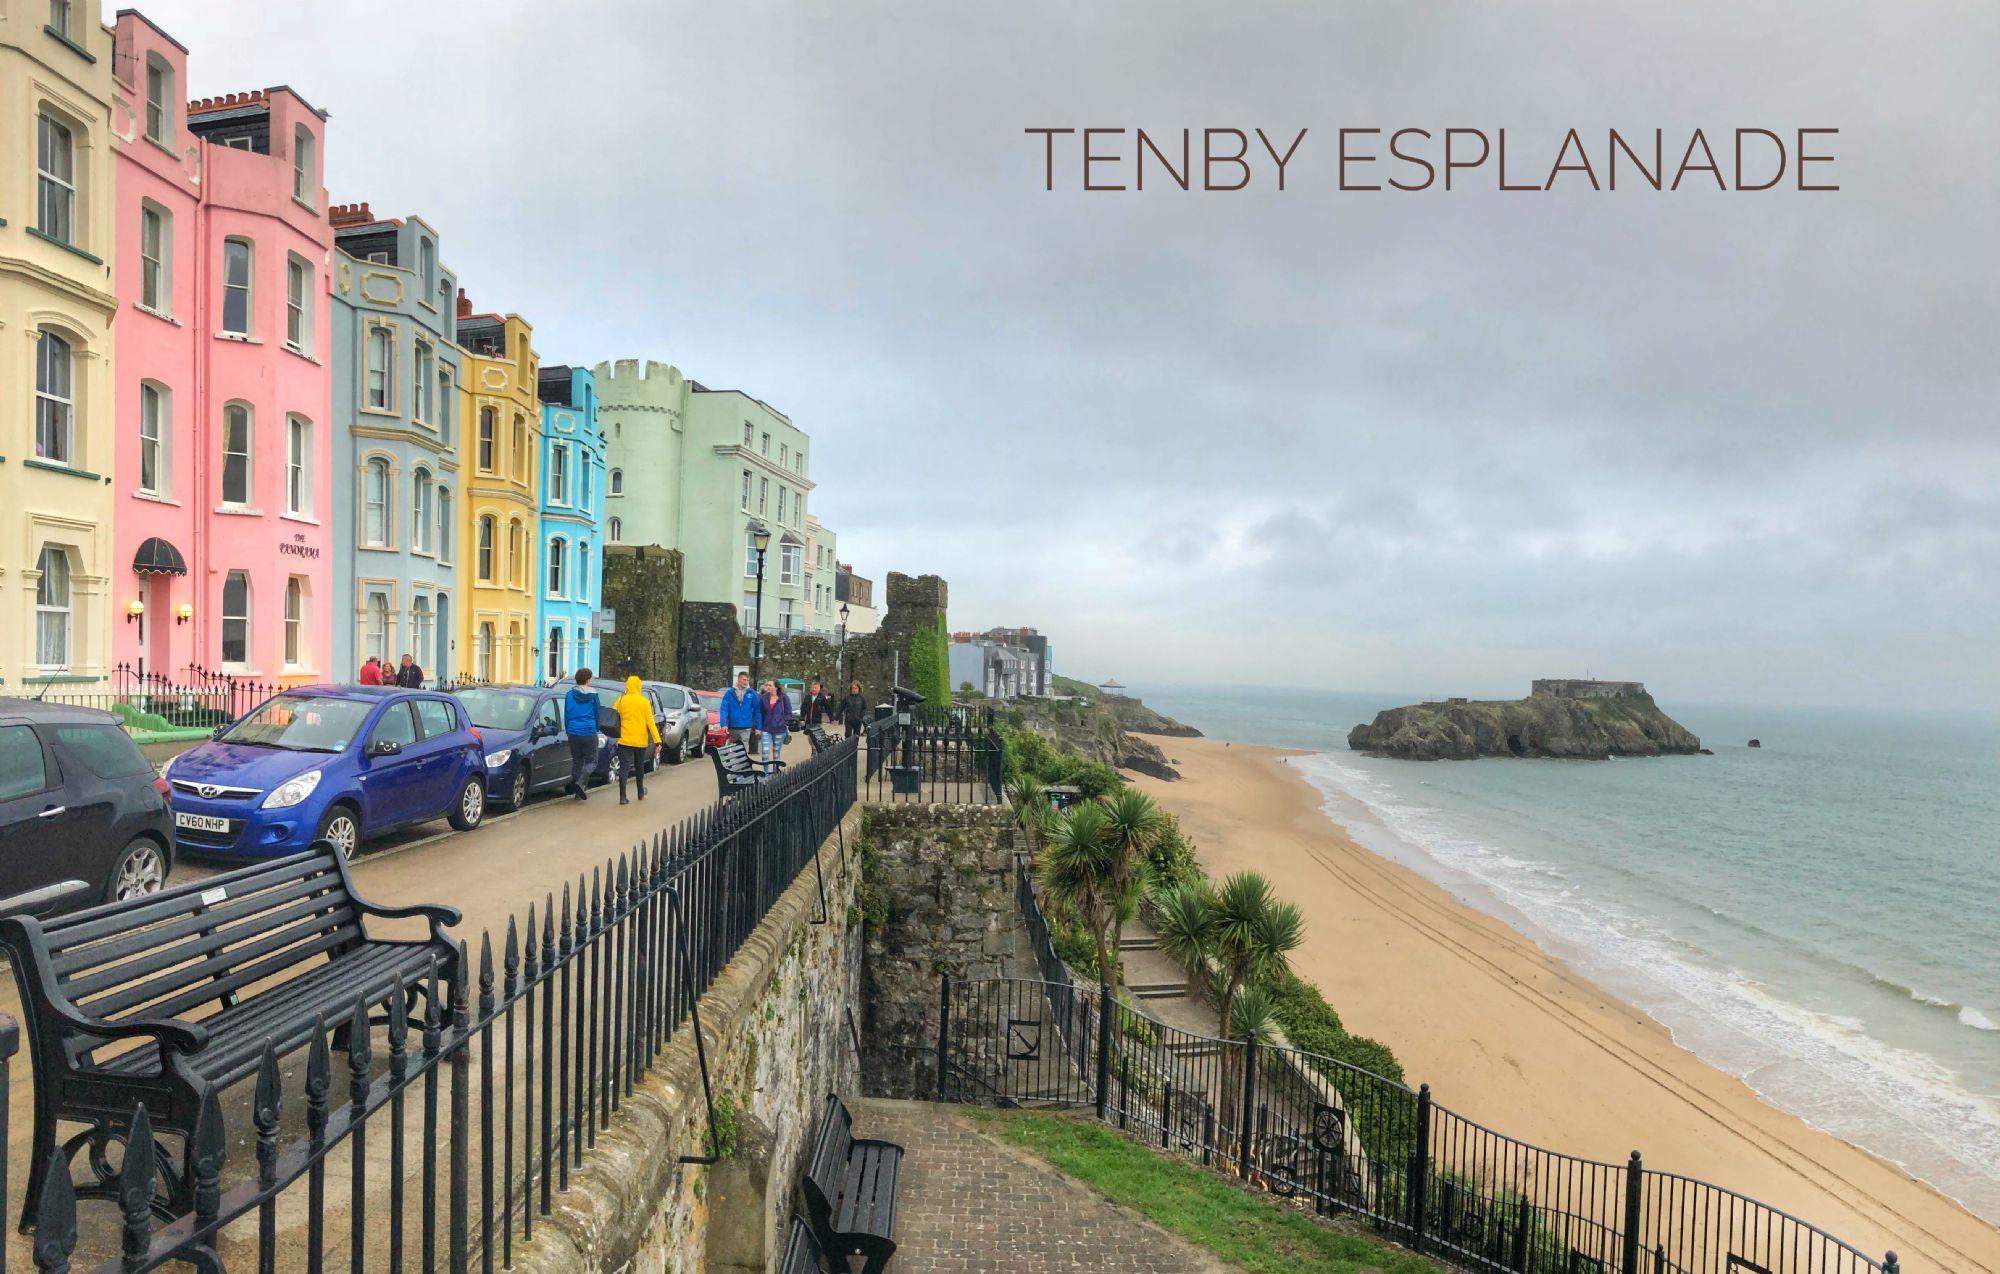 Tenby Esplanade